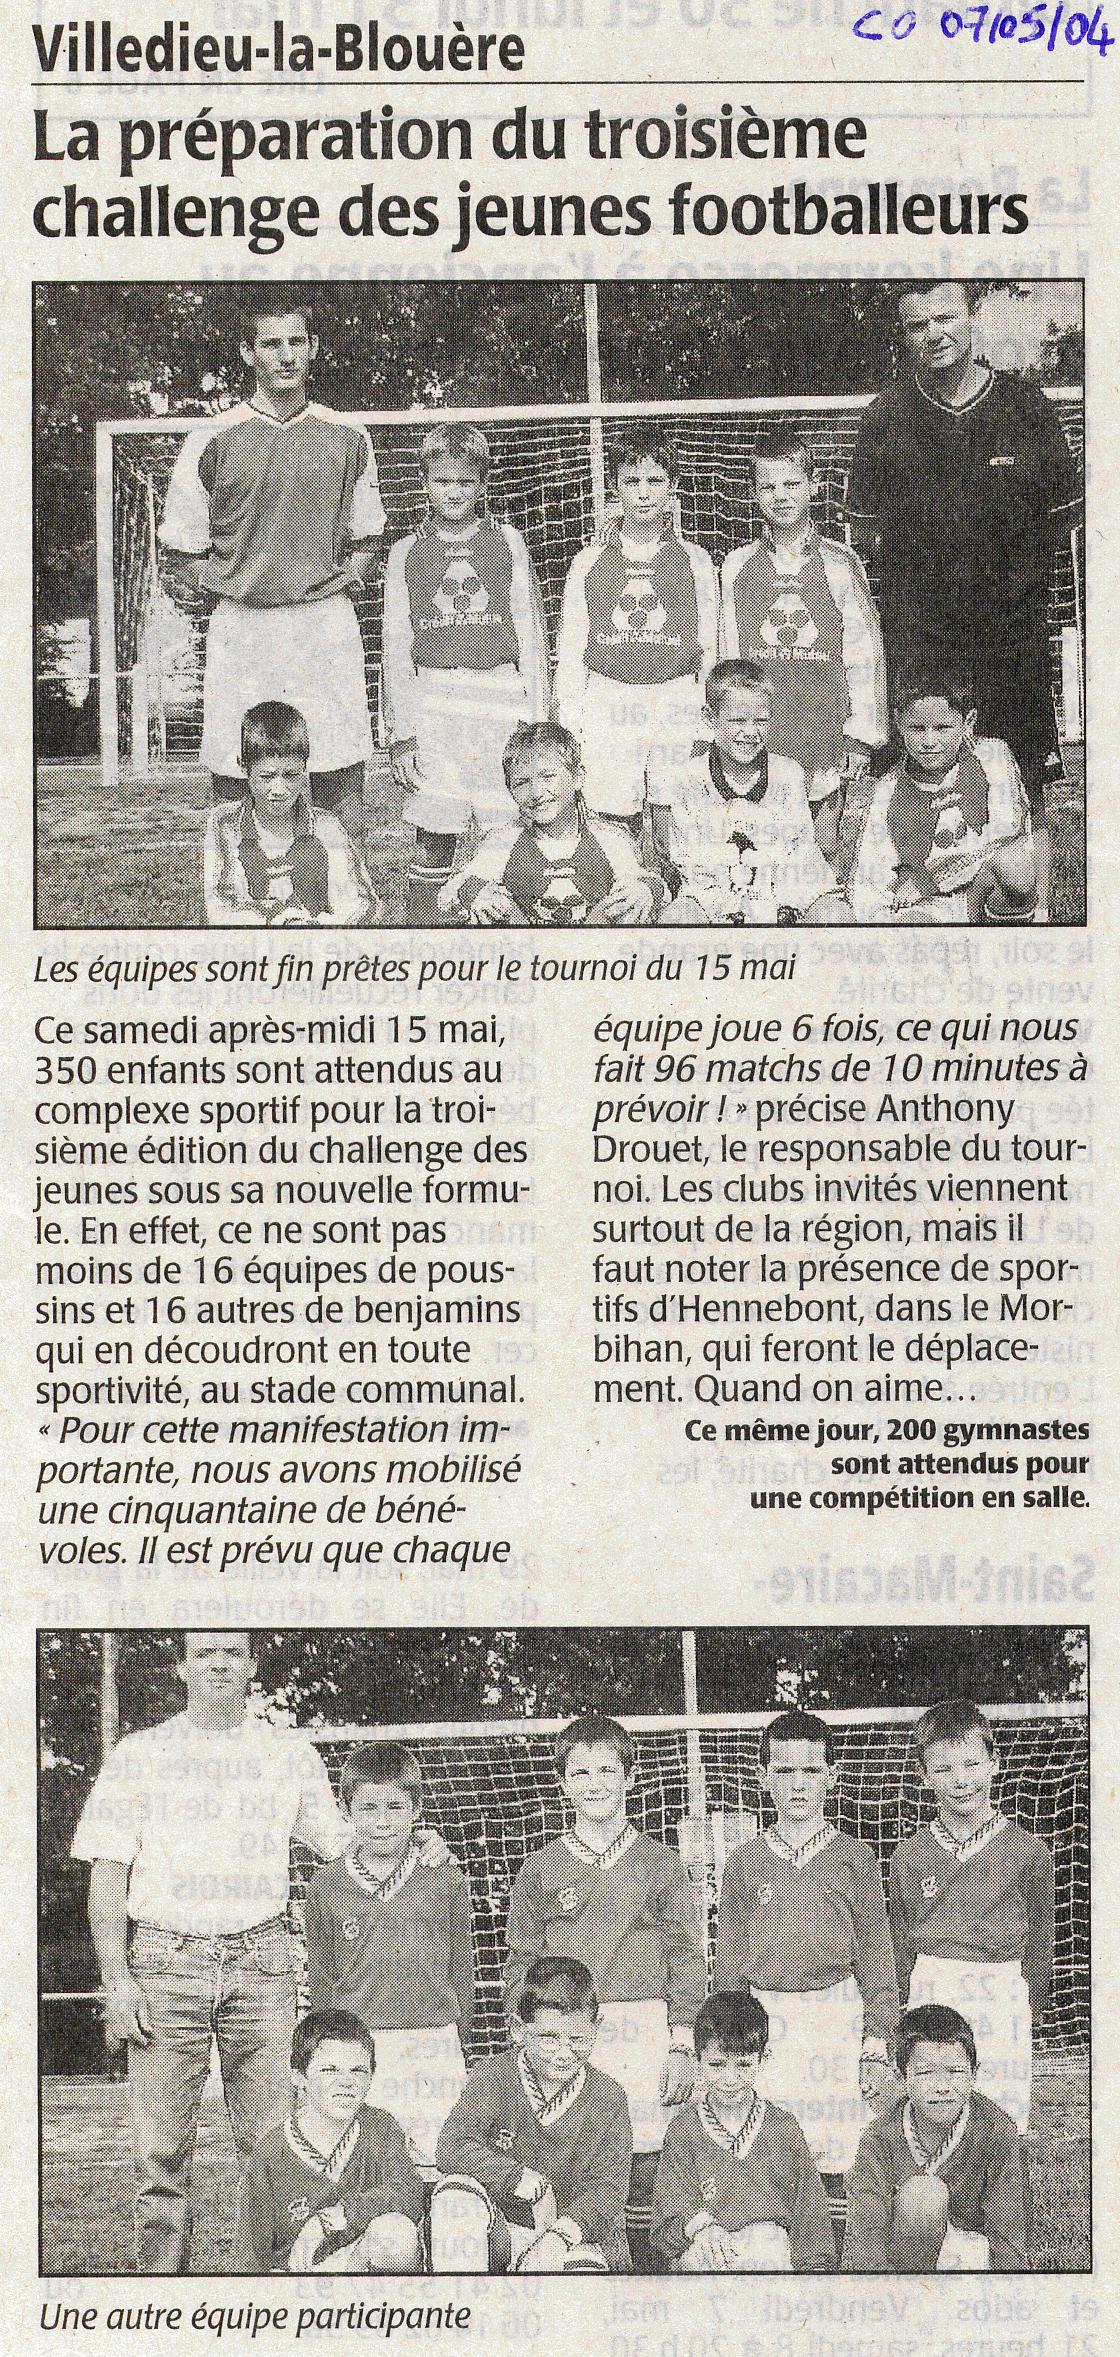 tournoi-pous-benj-2004-co-07-05-04